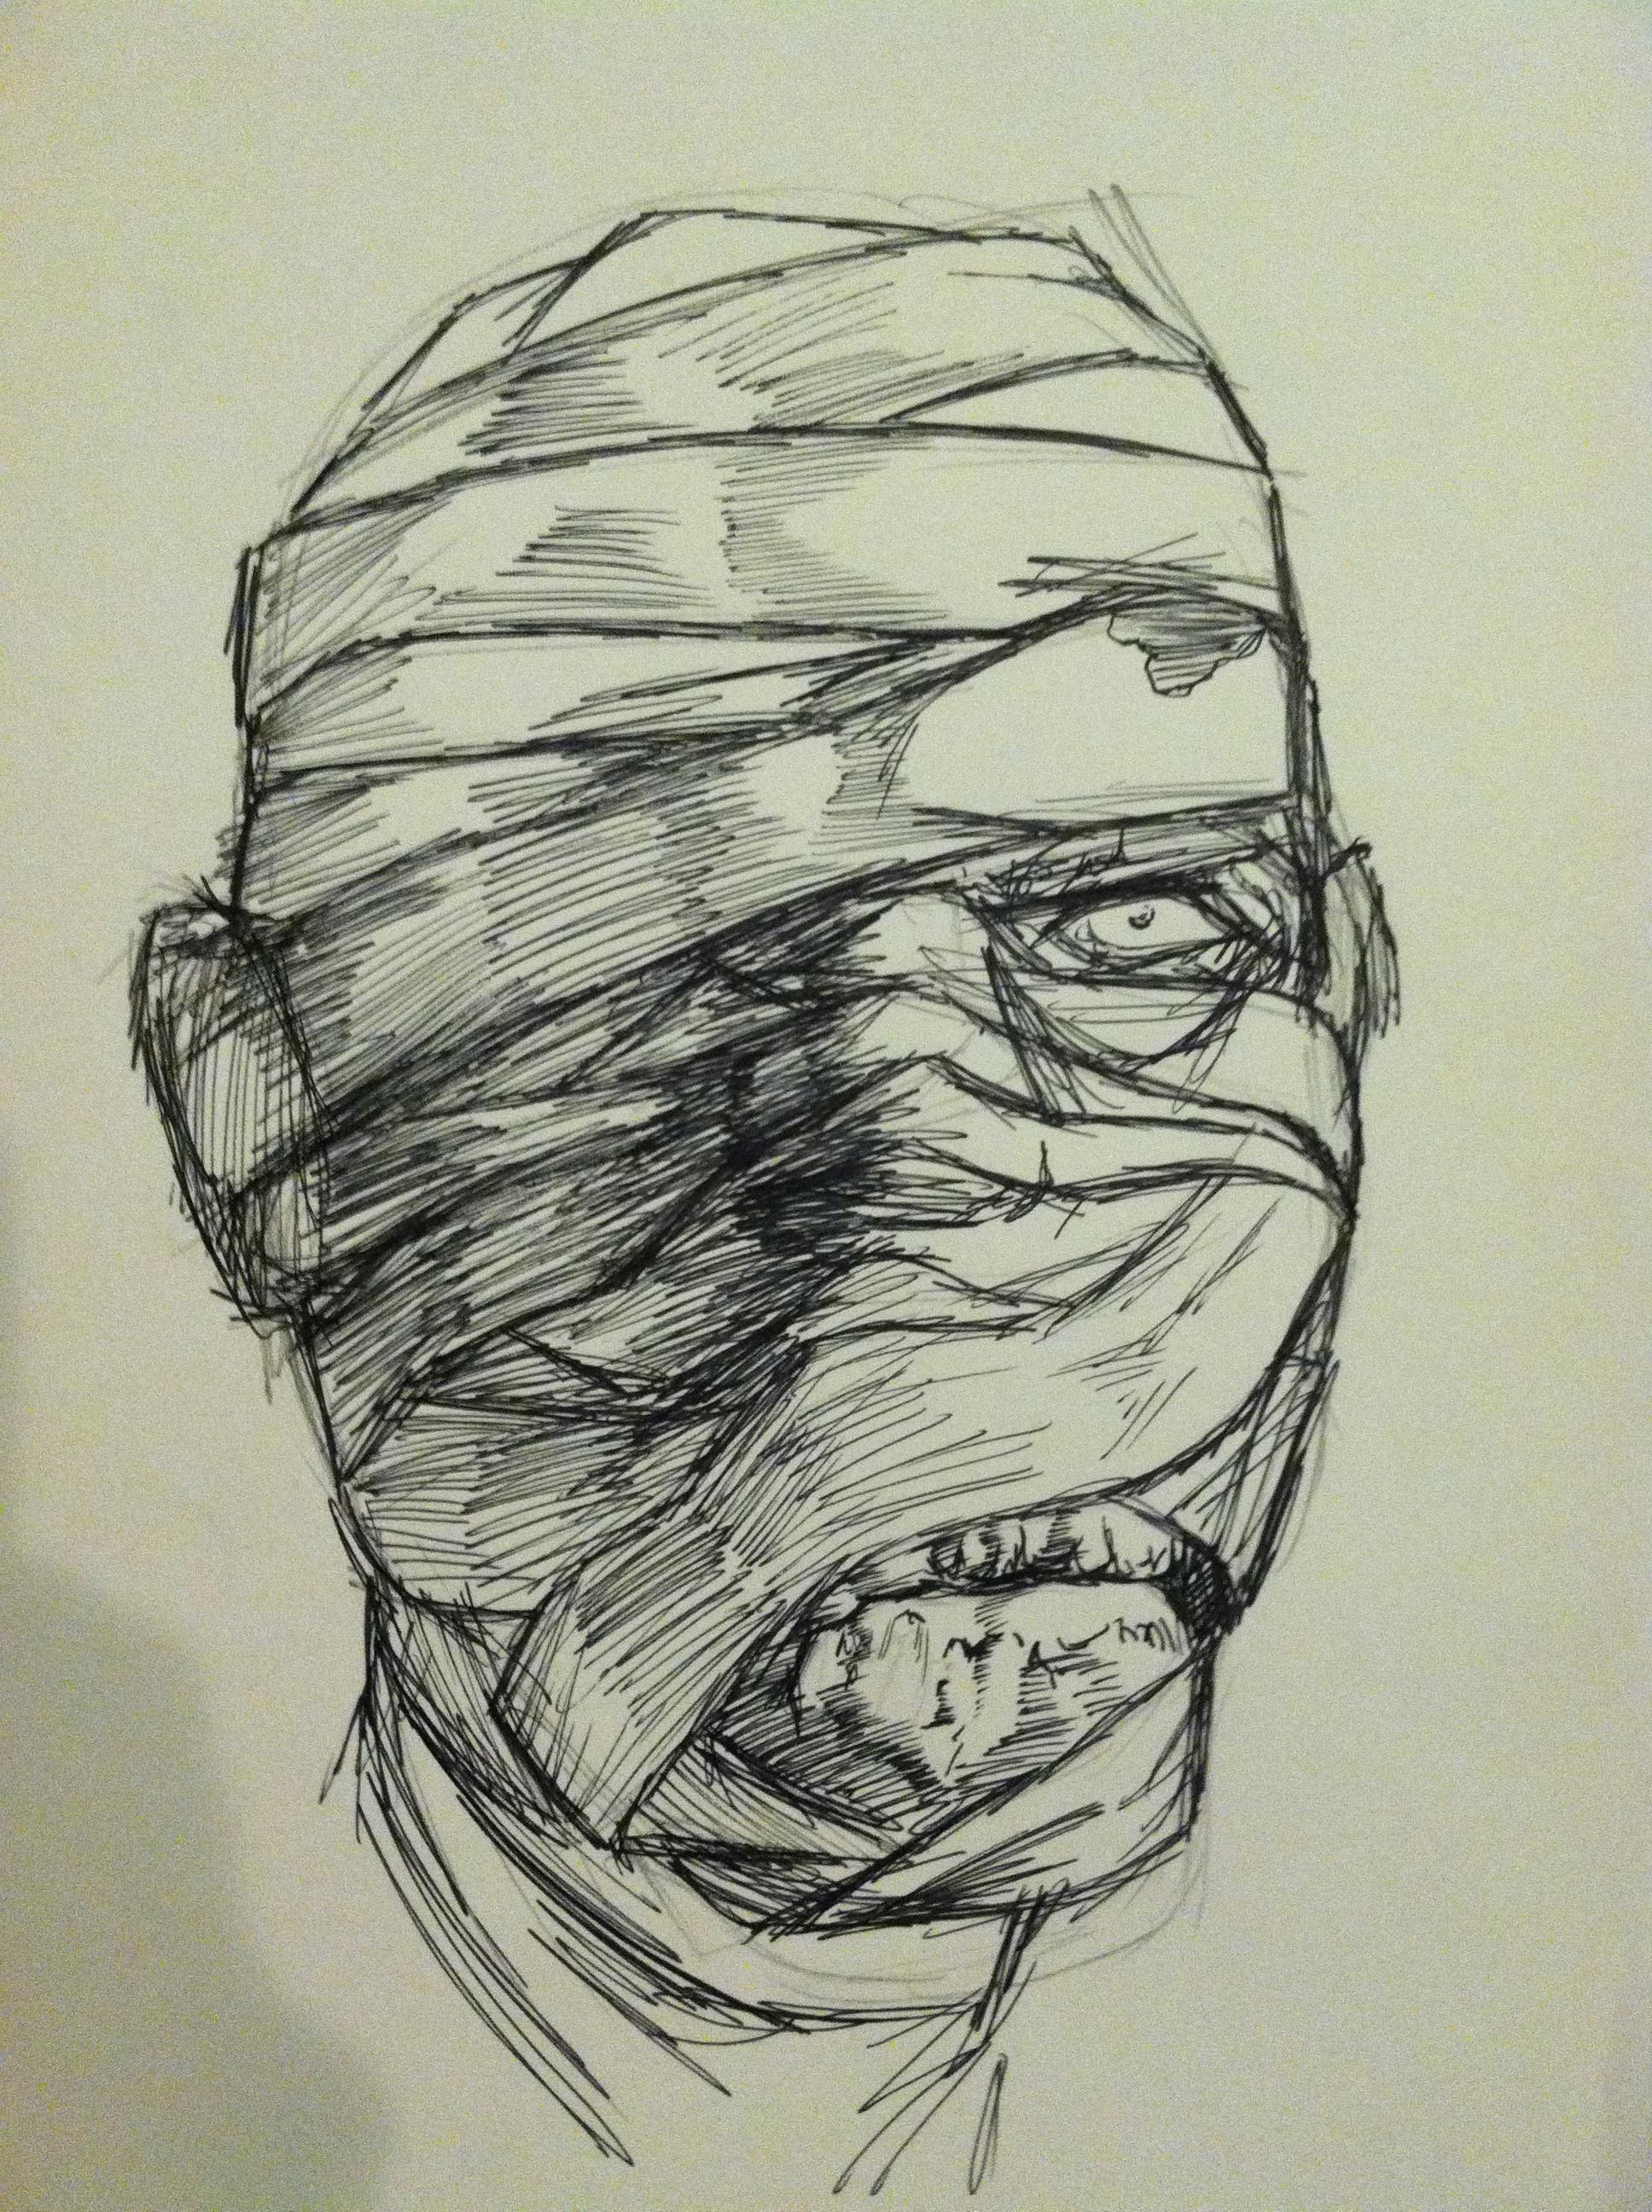 Karloff-esque Mummy by DrRhymes1